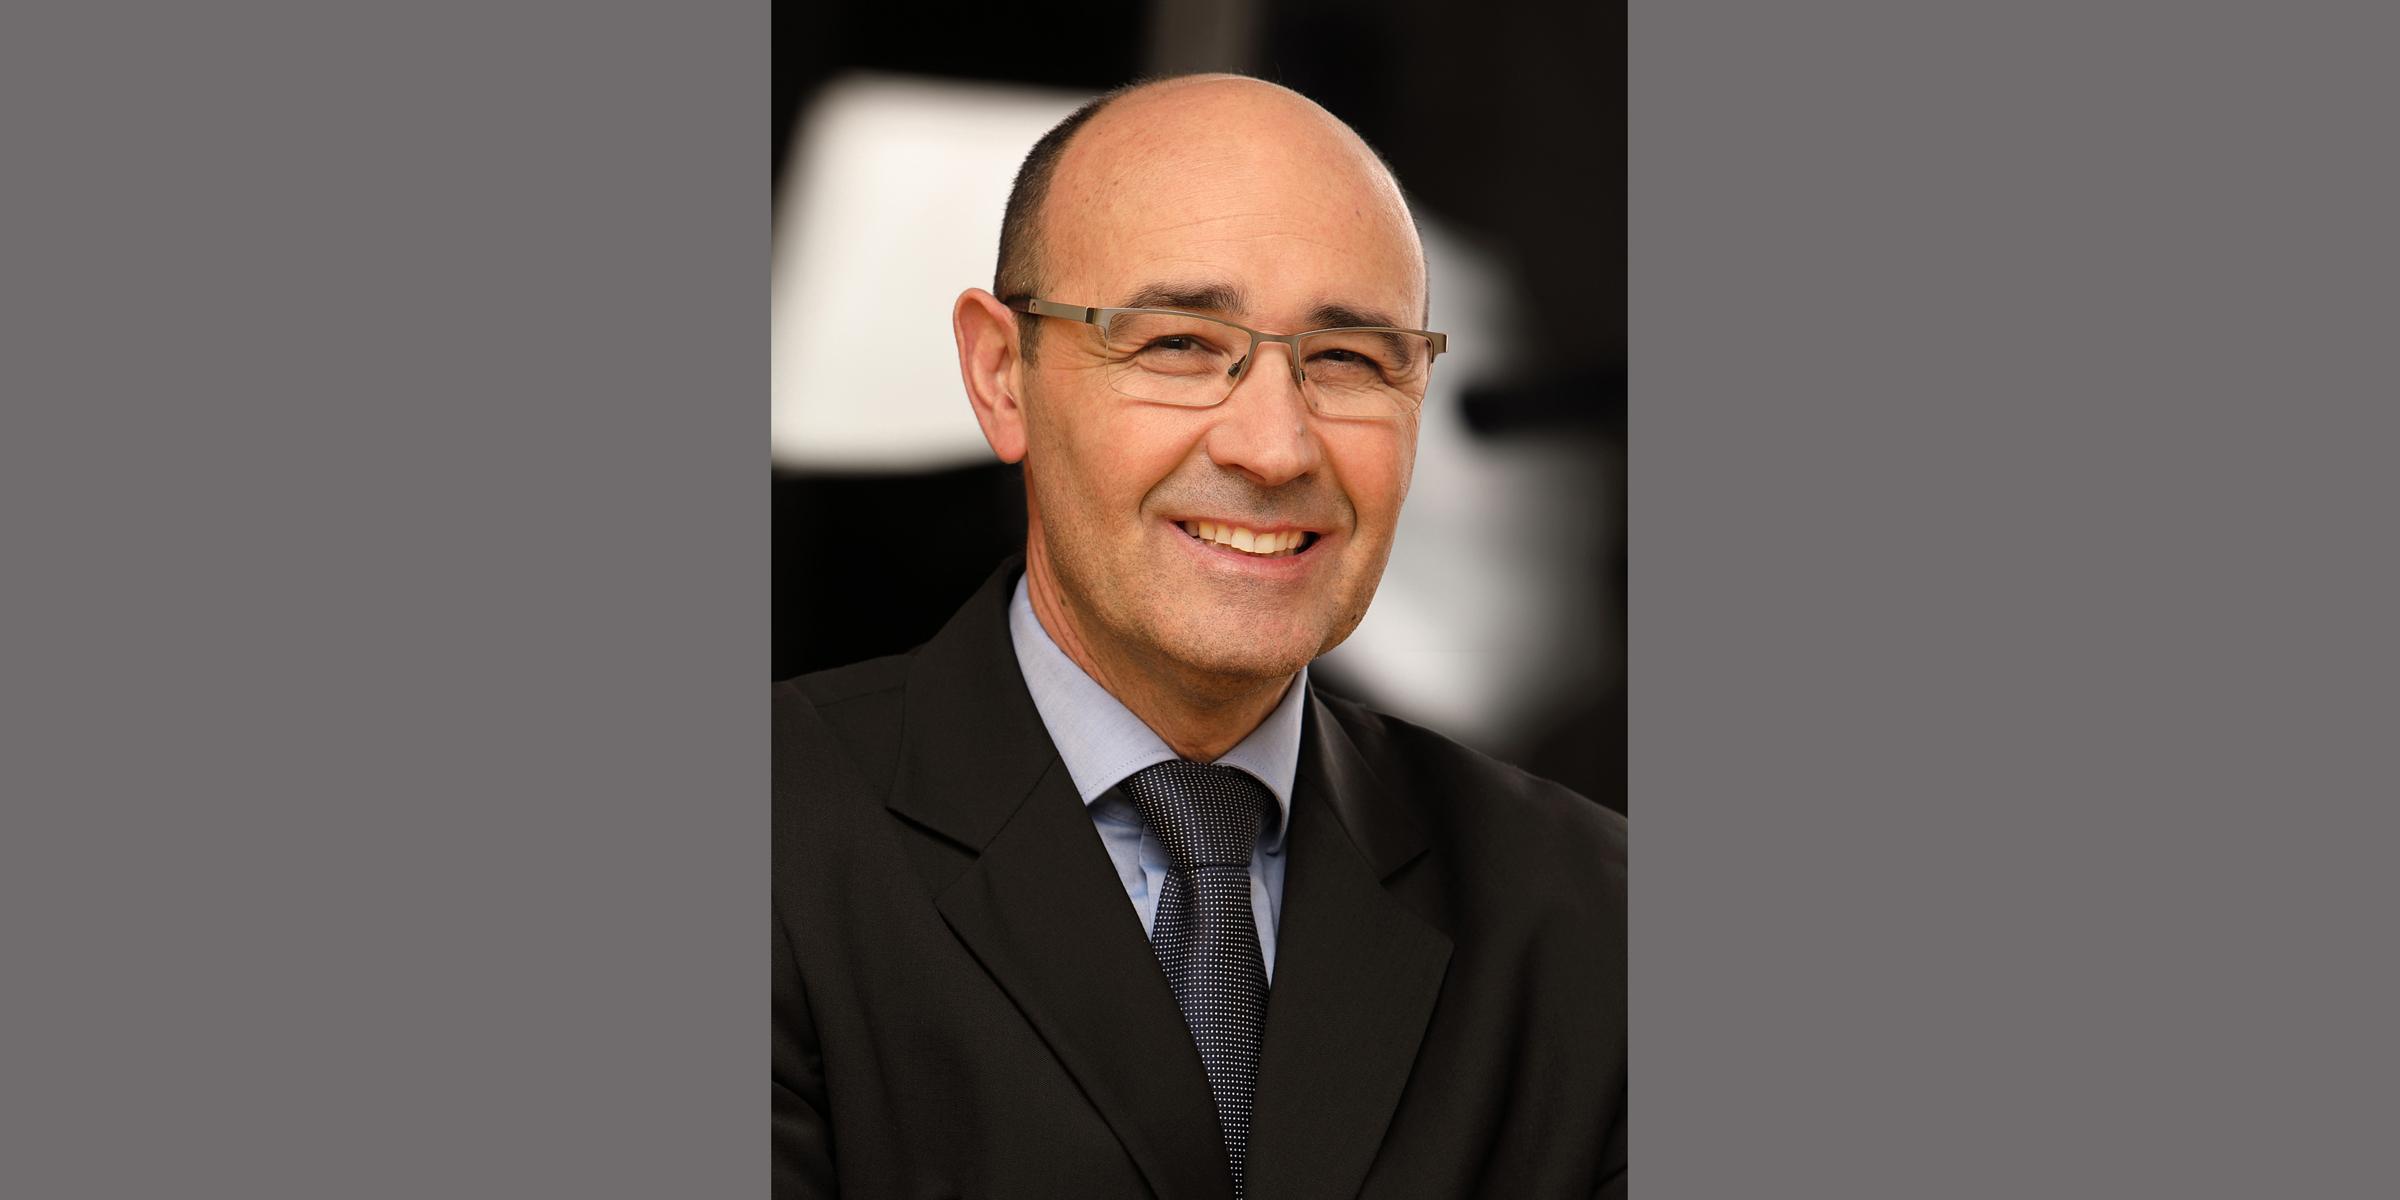 Business Portrait eines älteren Mannes mit freundlichem Lächeln und moderner Brille, der in dunklem Business-Anzug mit Krawatte posiert.